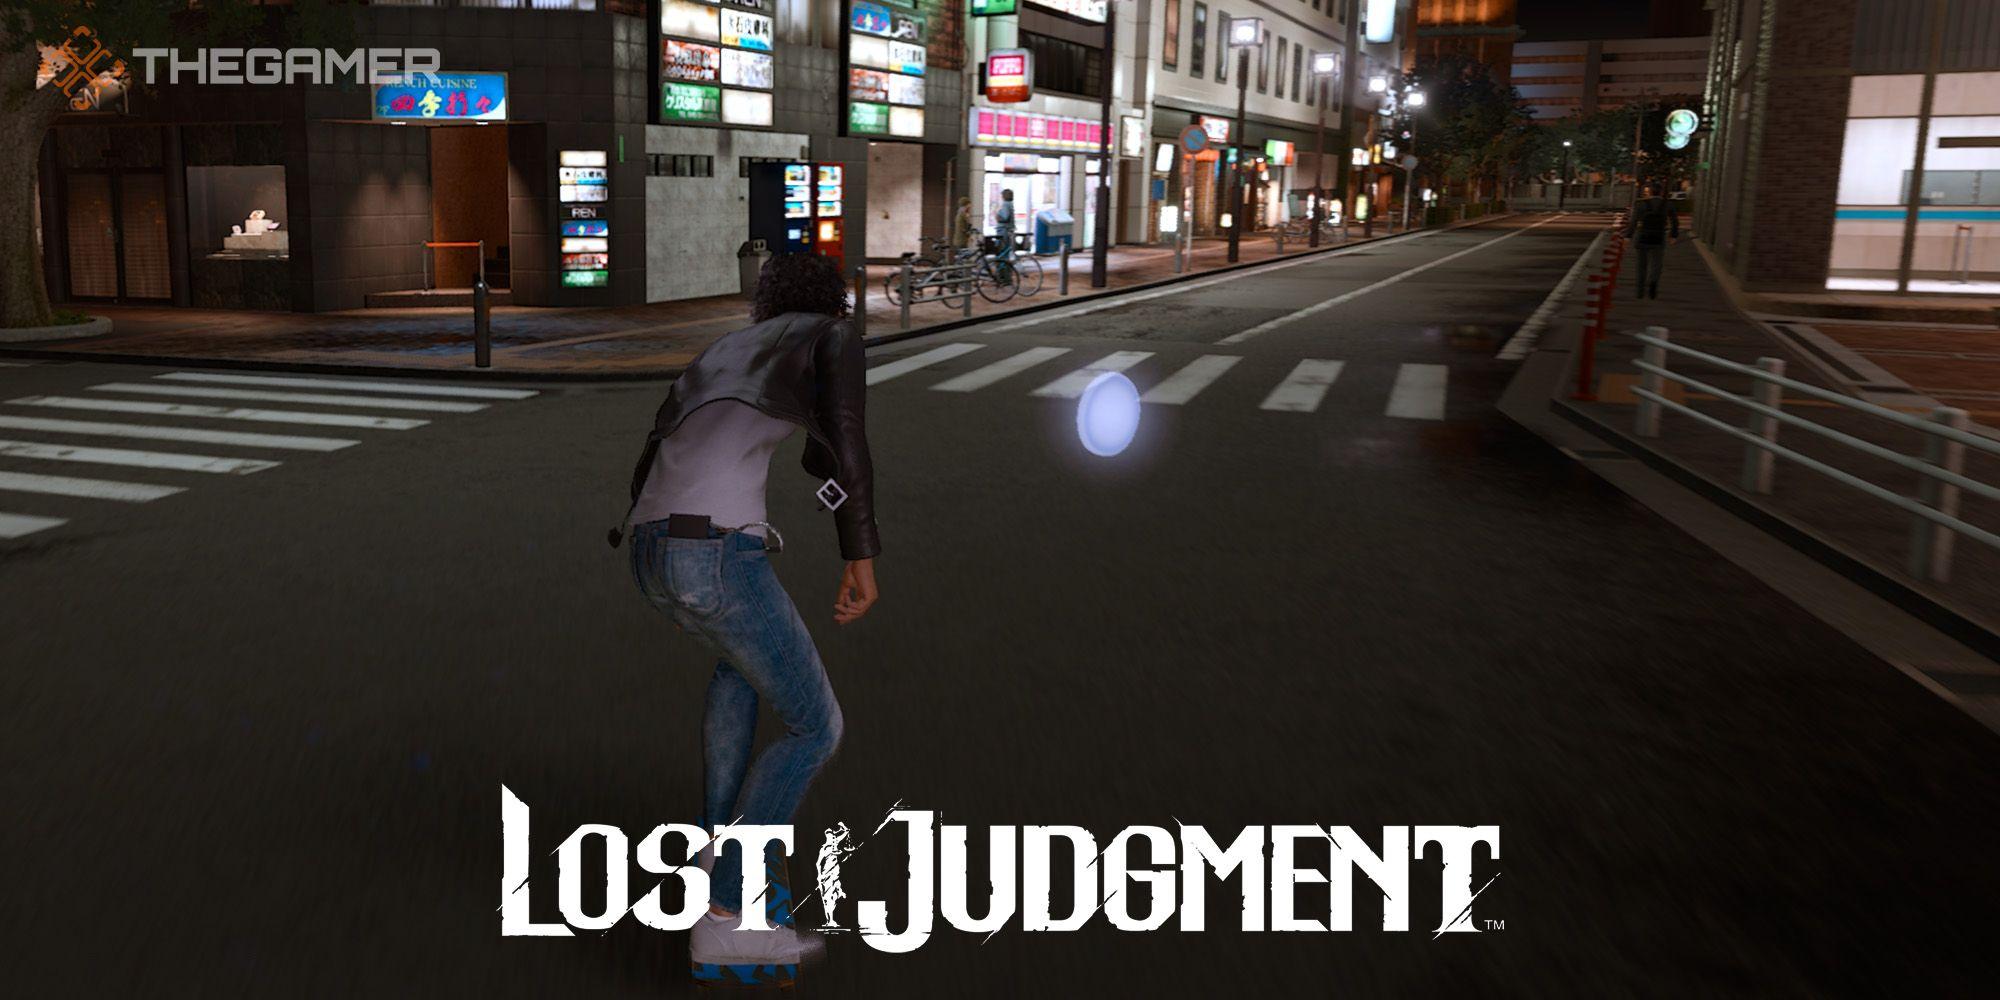 Juicio perdido: ¿Para qué se utilizan los puntos de skate?